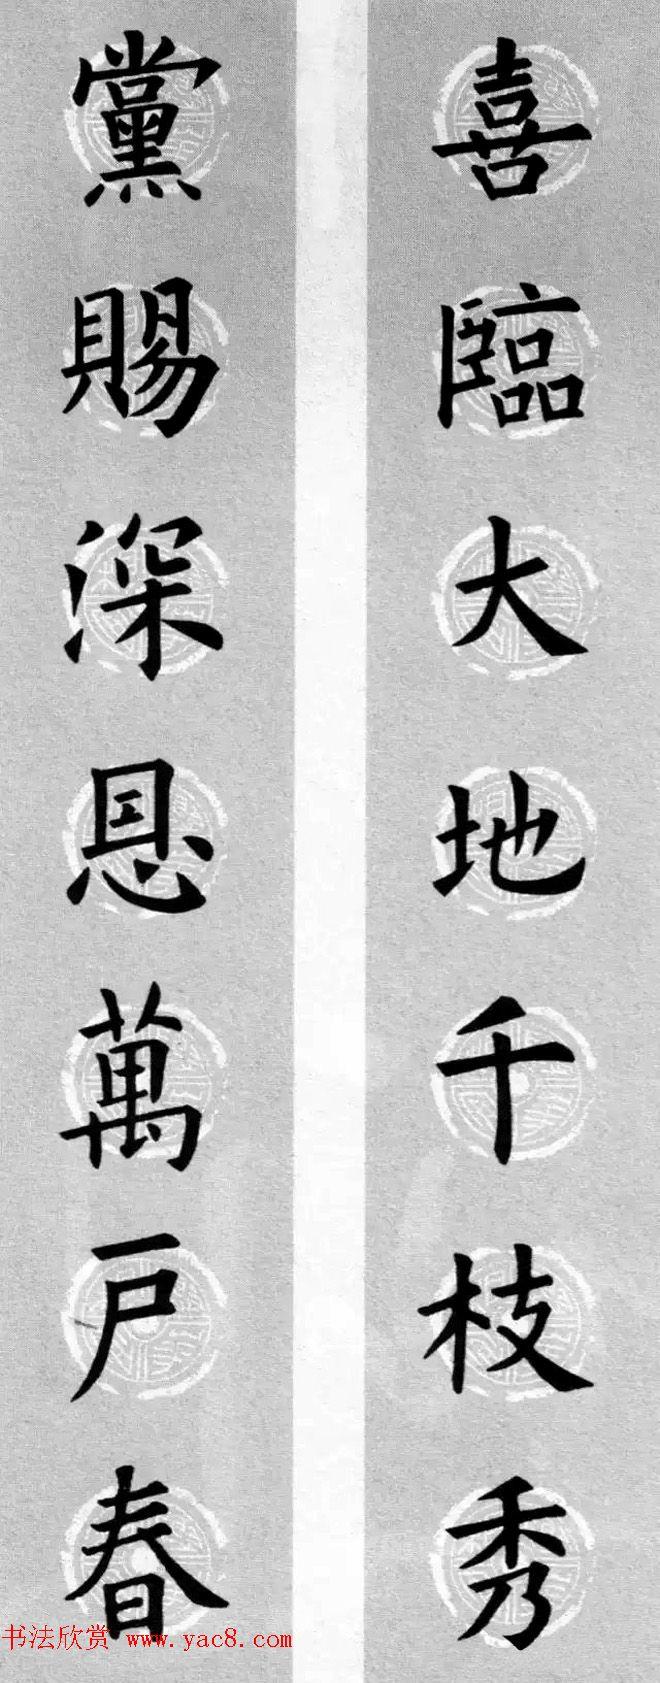 集字书法春联 欧阳询楷书七言对联合辑 第14页 书法专题 书法欣赏图片